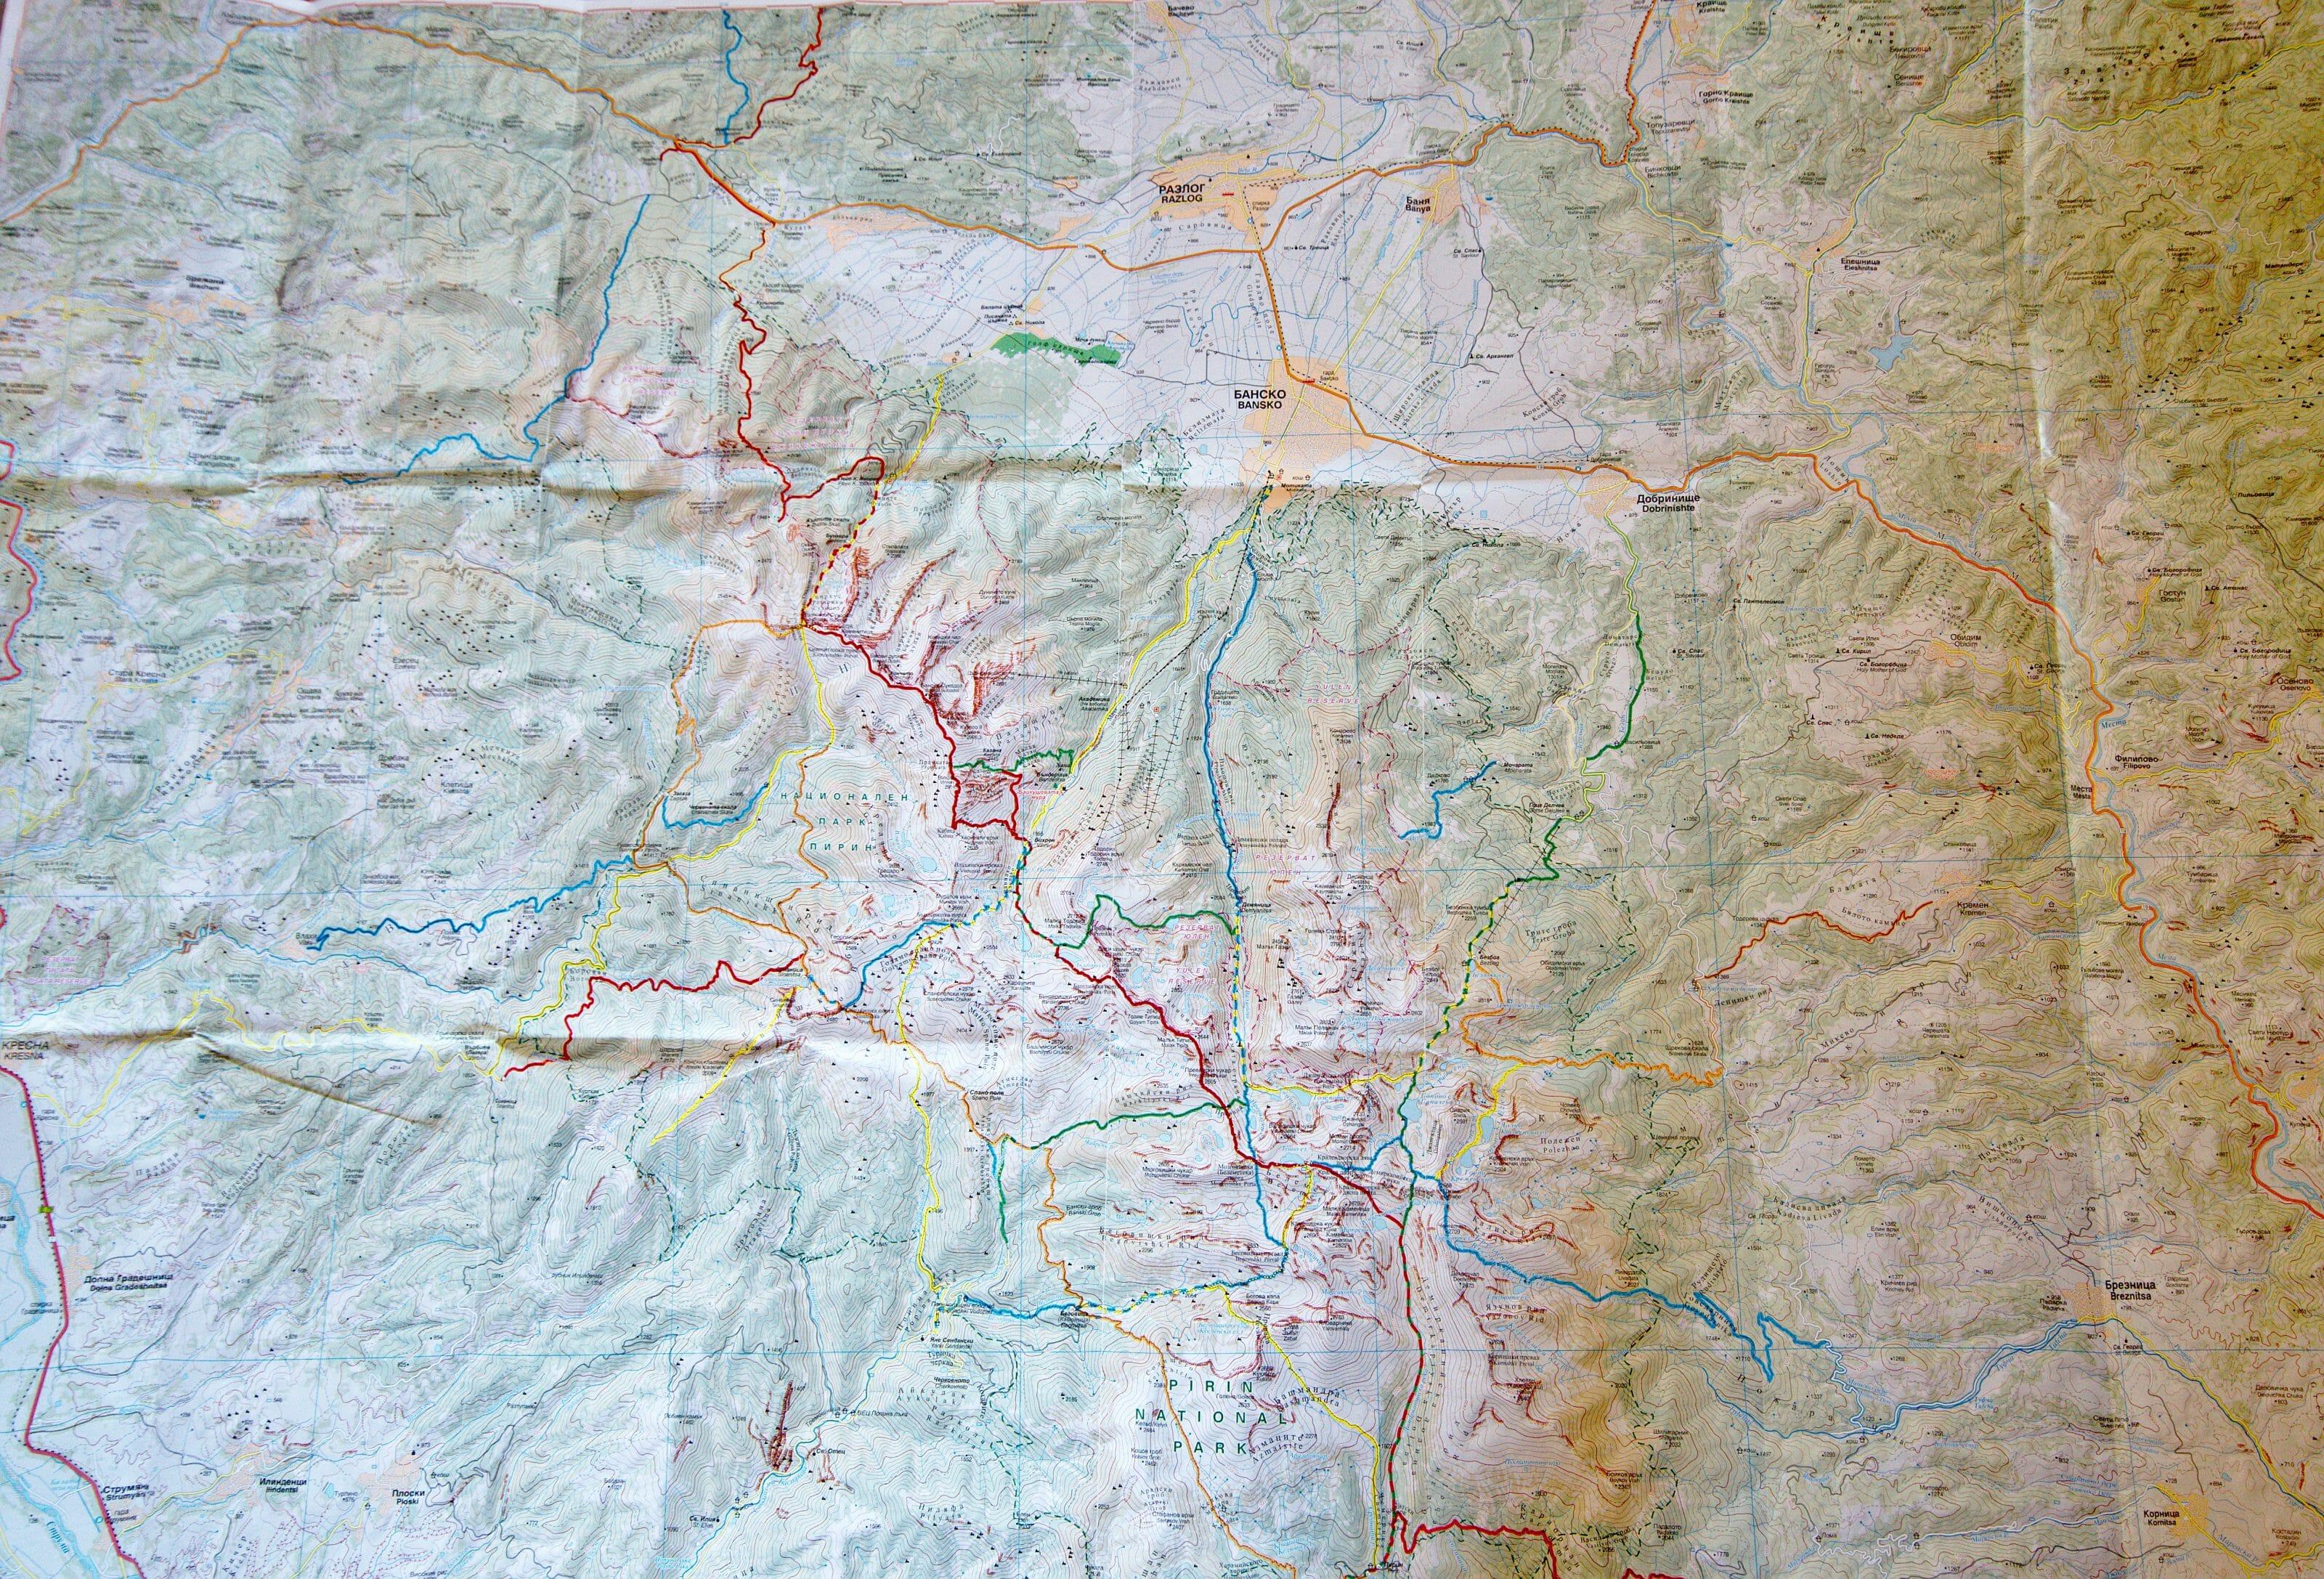 pirin national park map 1